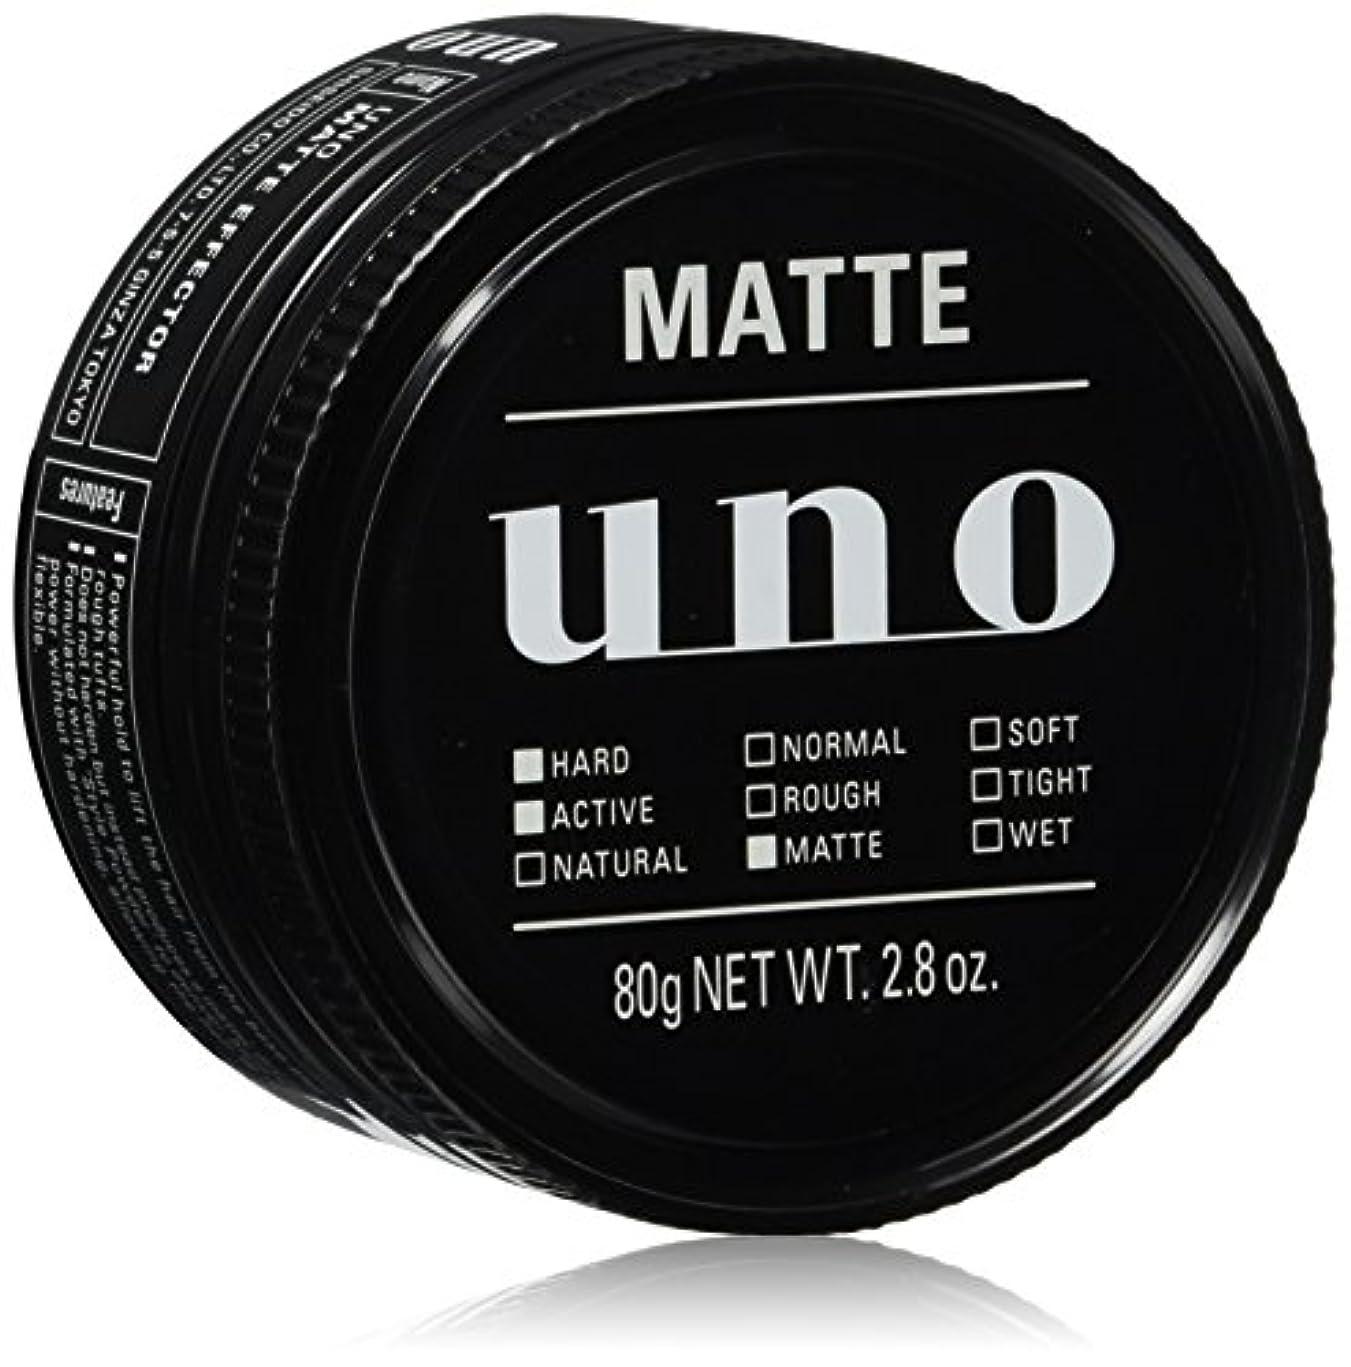 対処するプログレッシブ例外ウーノ マットエフェクター ワックス 80g